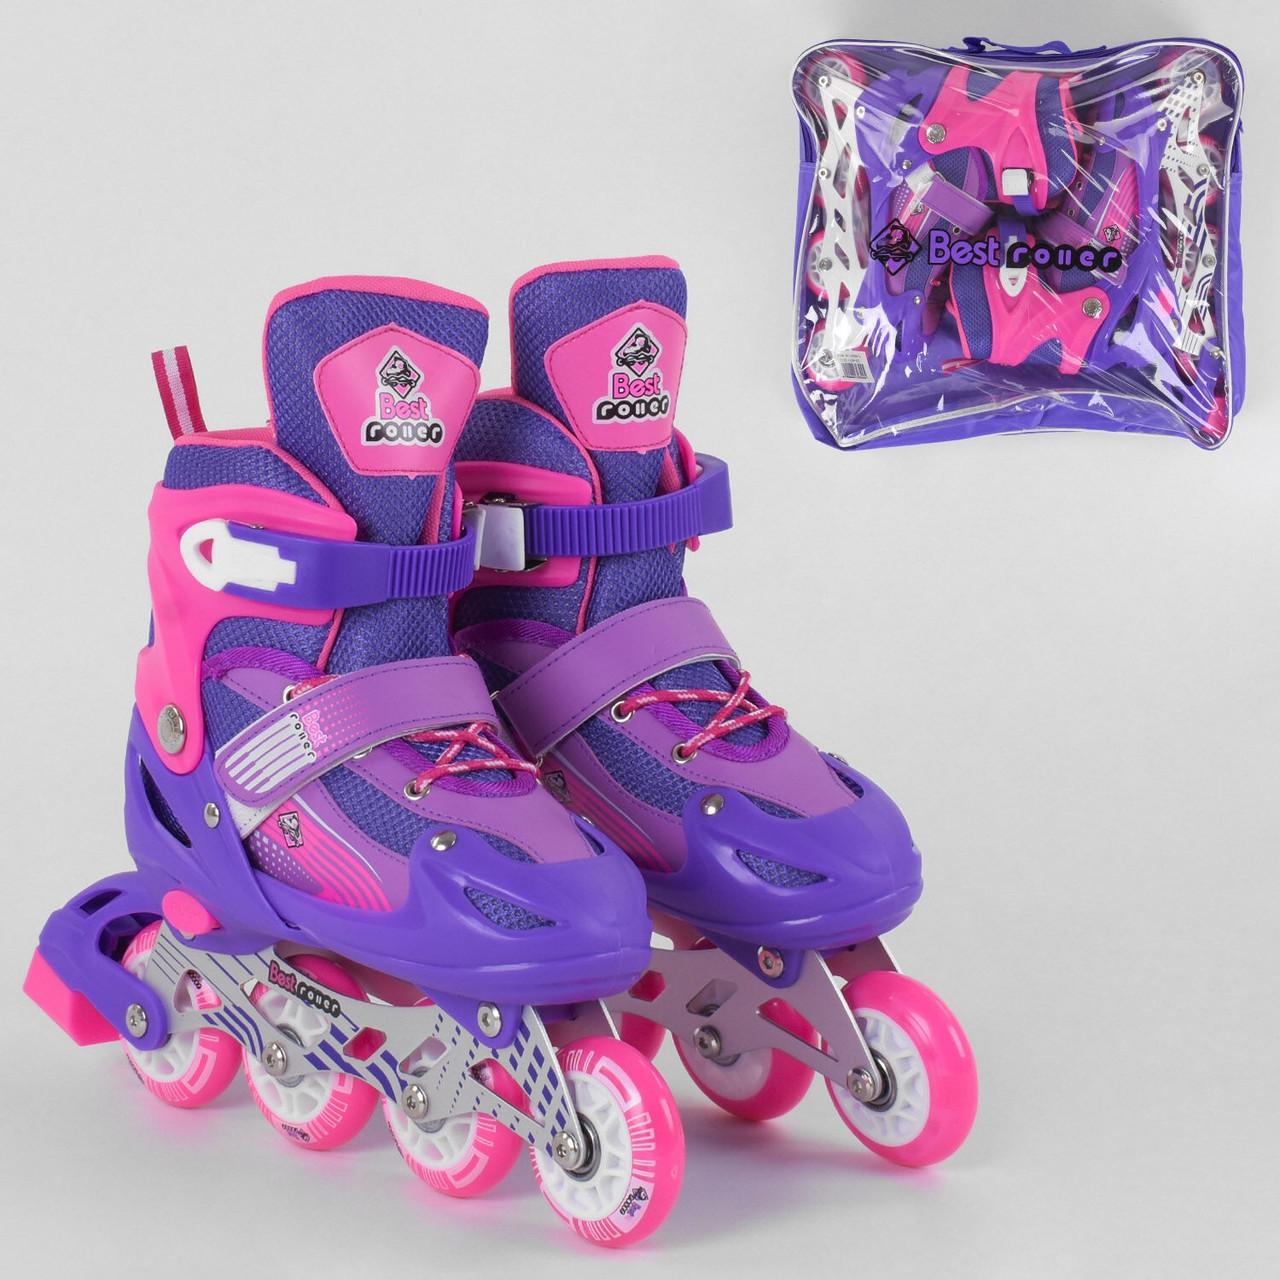 Детские ролики для девочки раздвижные / роликовые коньки светиться колесо / размер 34-37